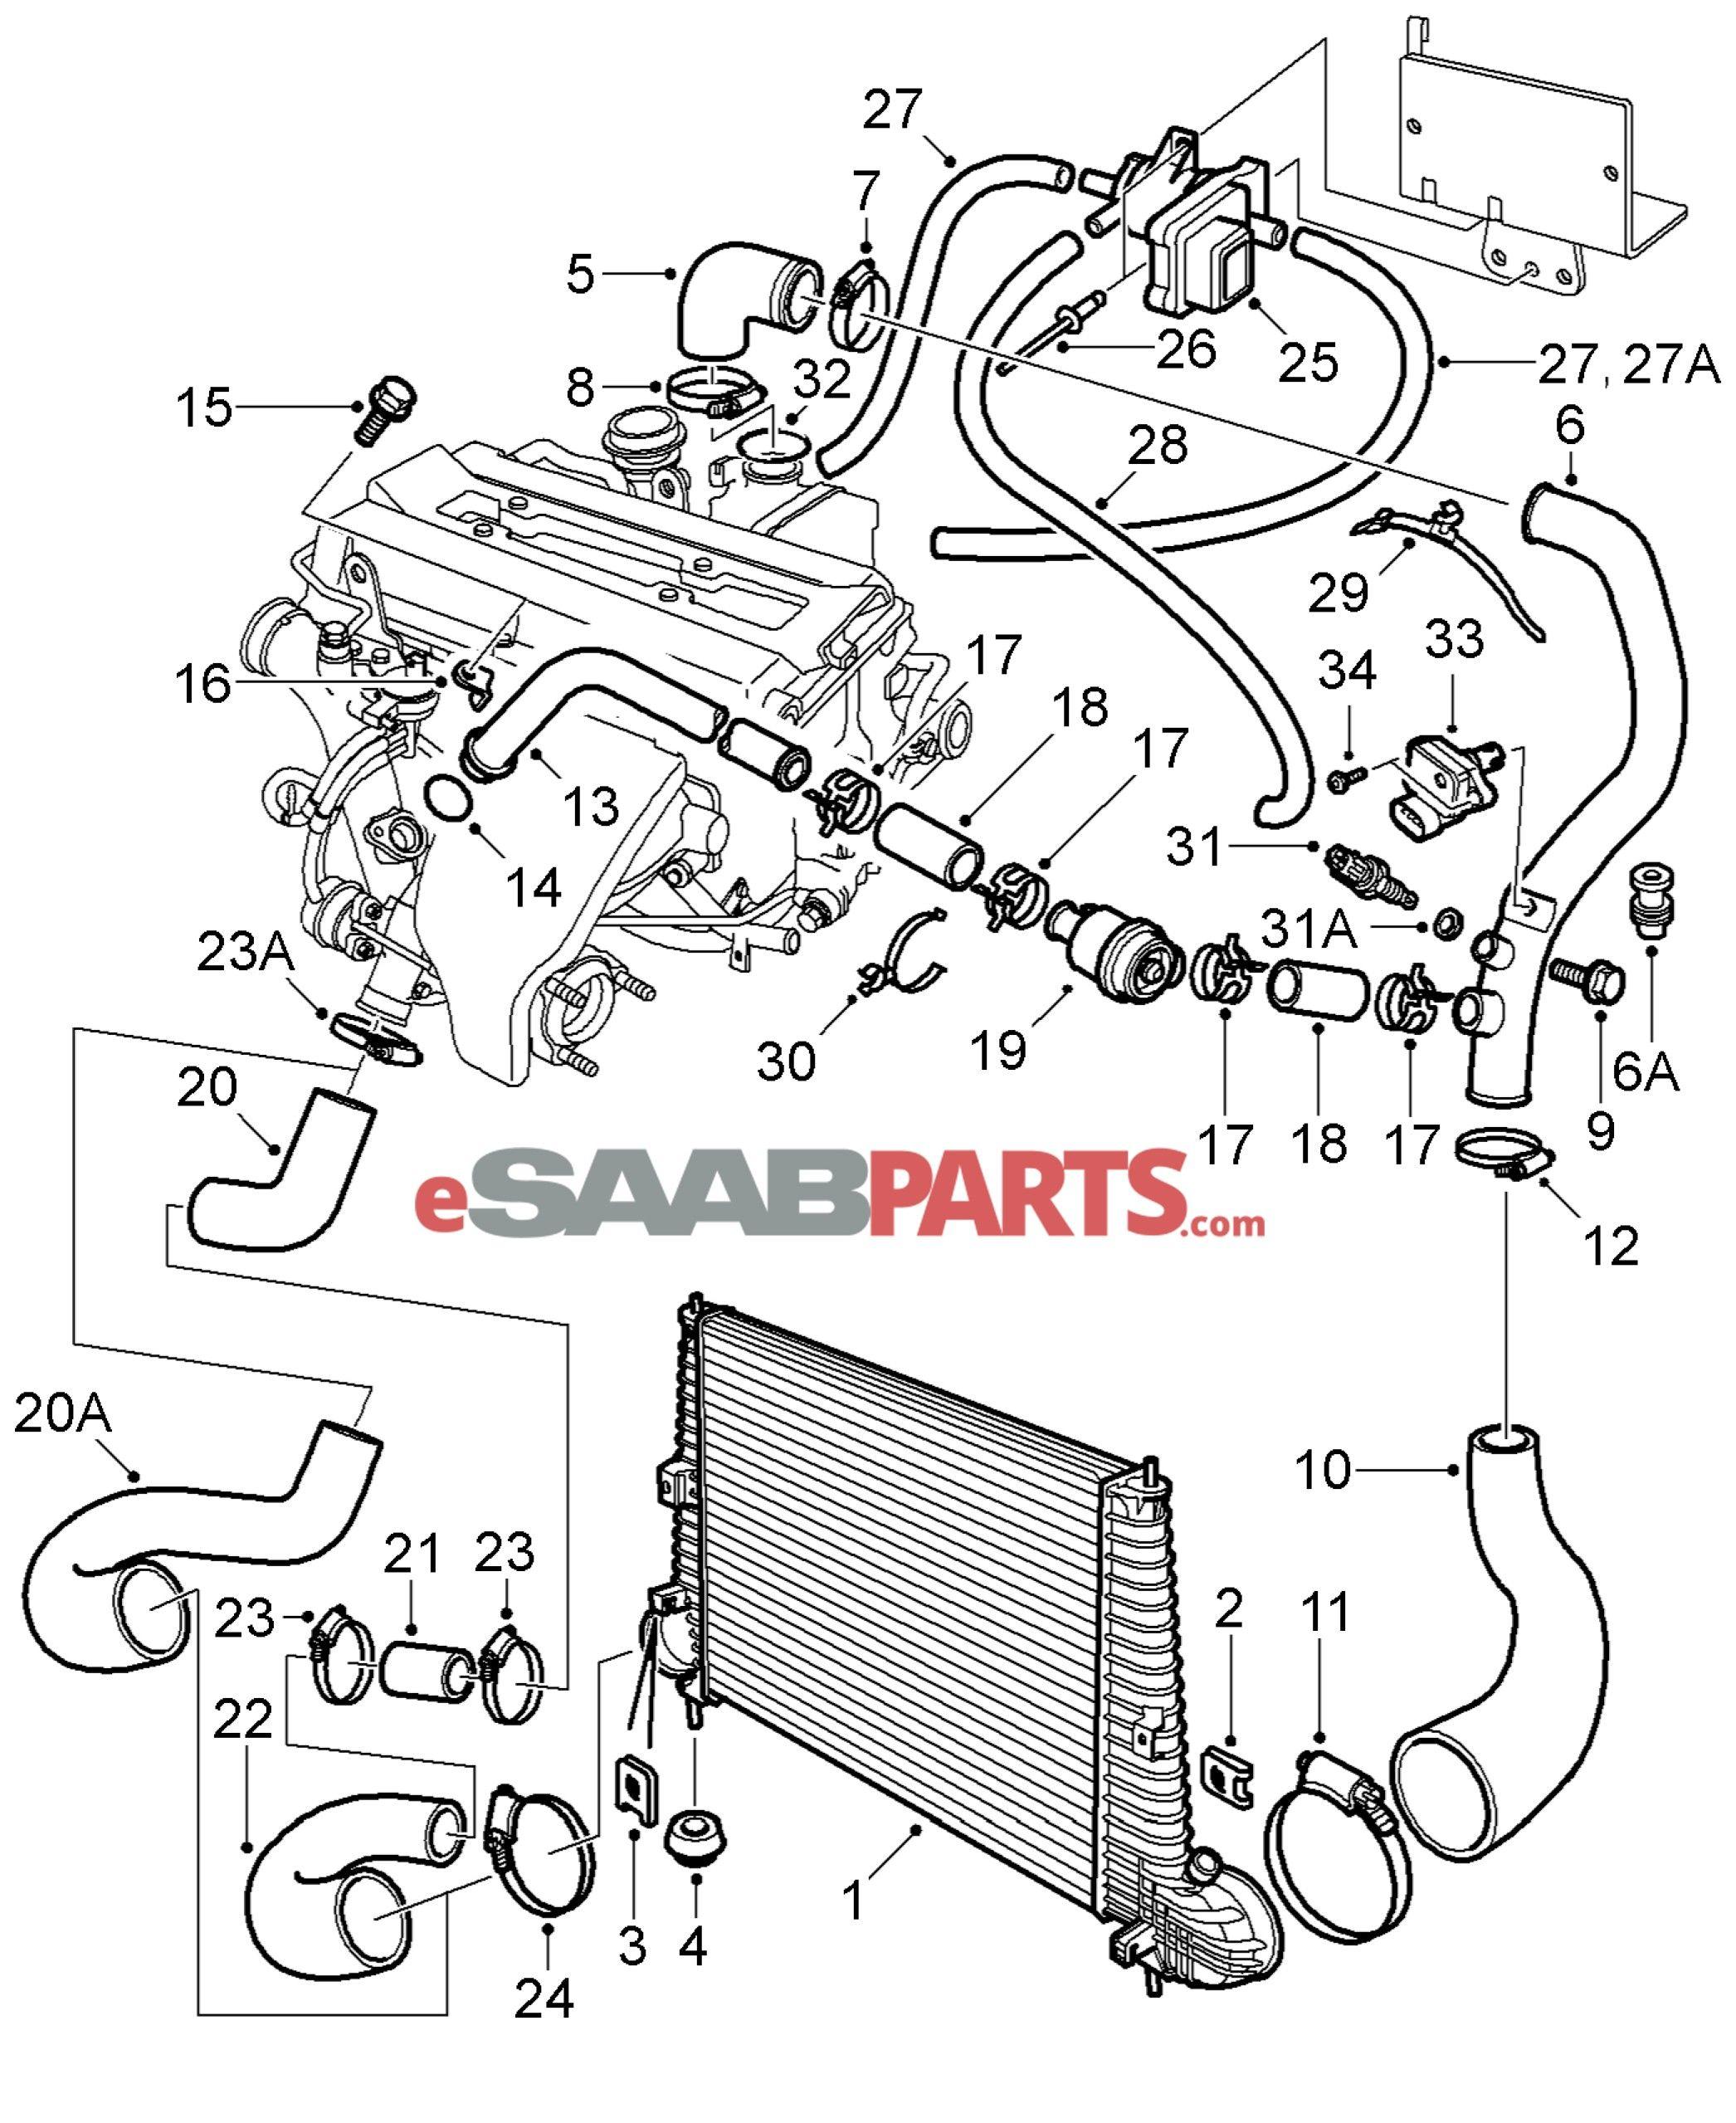 2002 saab 9 3 headlight wiring diagram az 9278  saab 9 3 convertible as well 1991 saab 900 engine fuel  saab 9 3 convertible as well 1991 saab